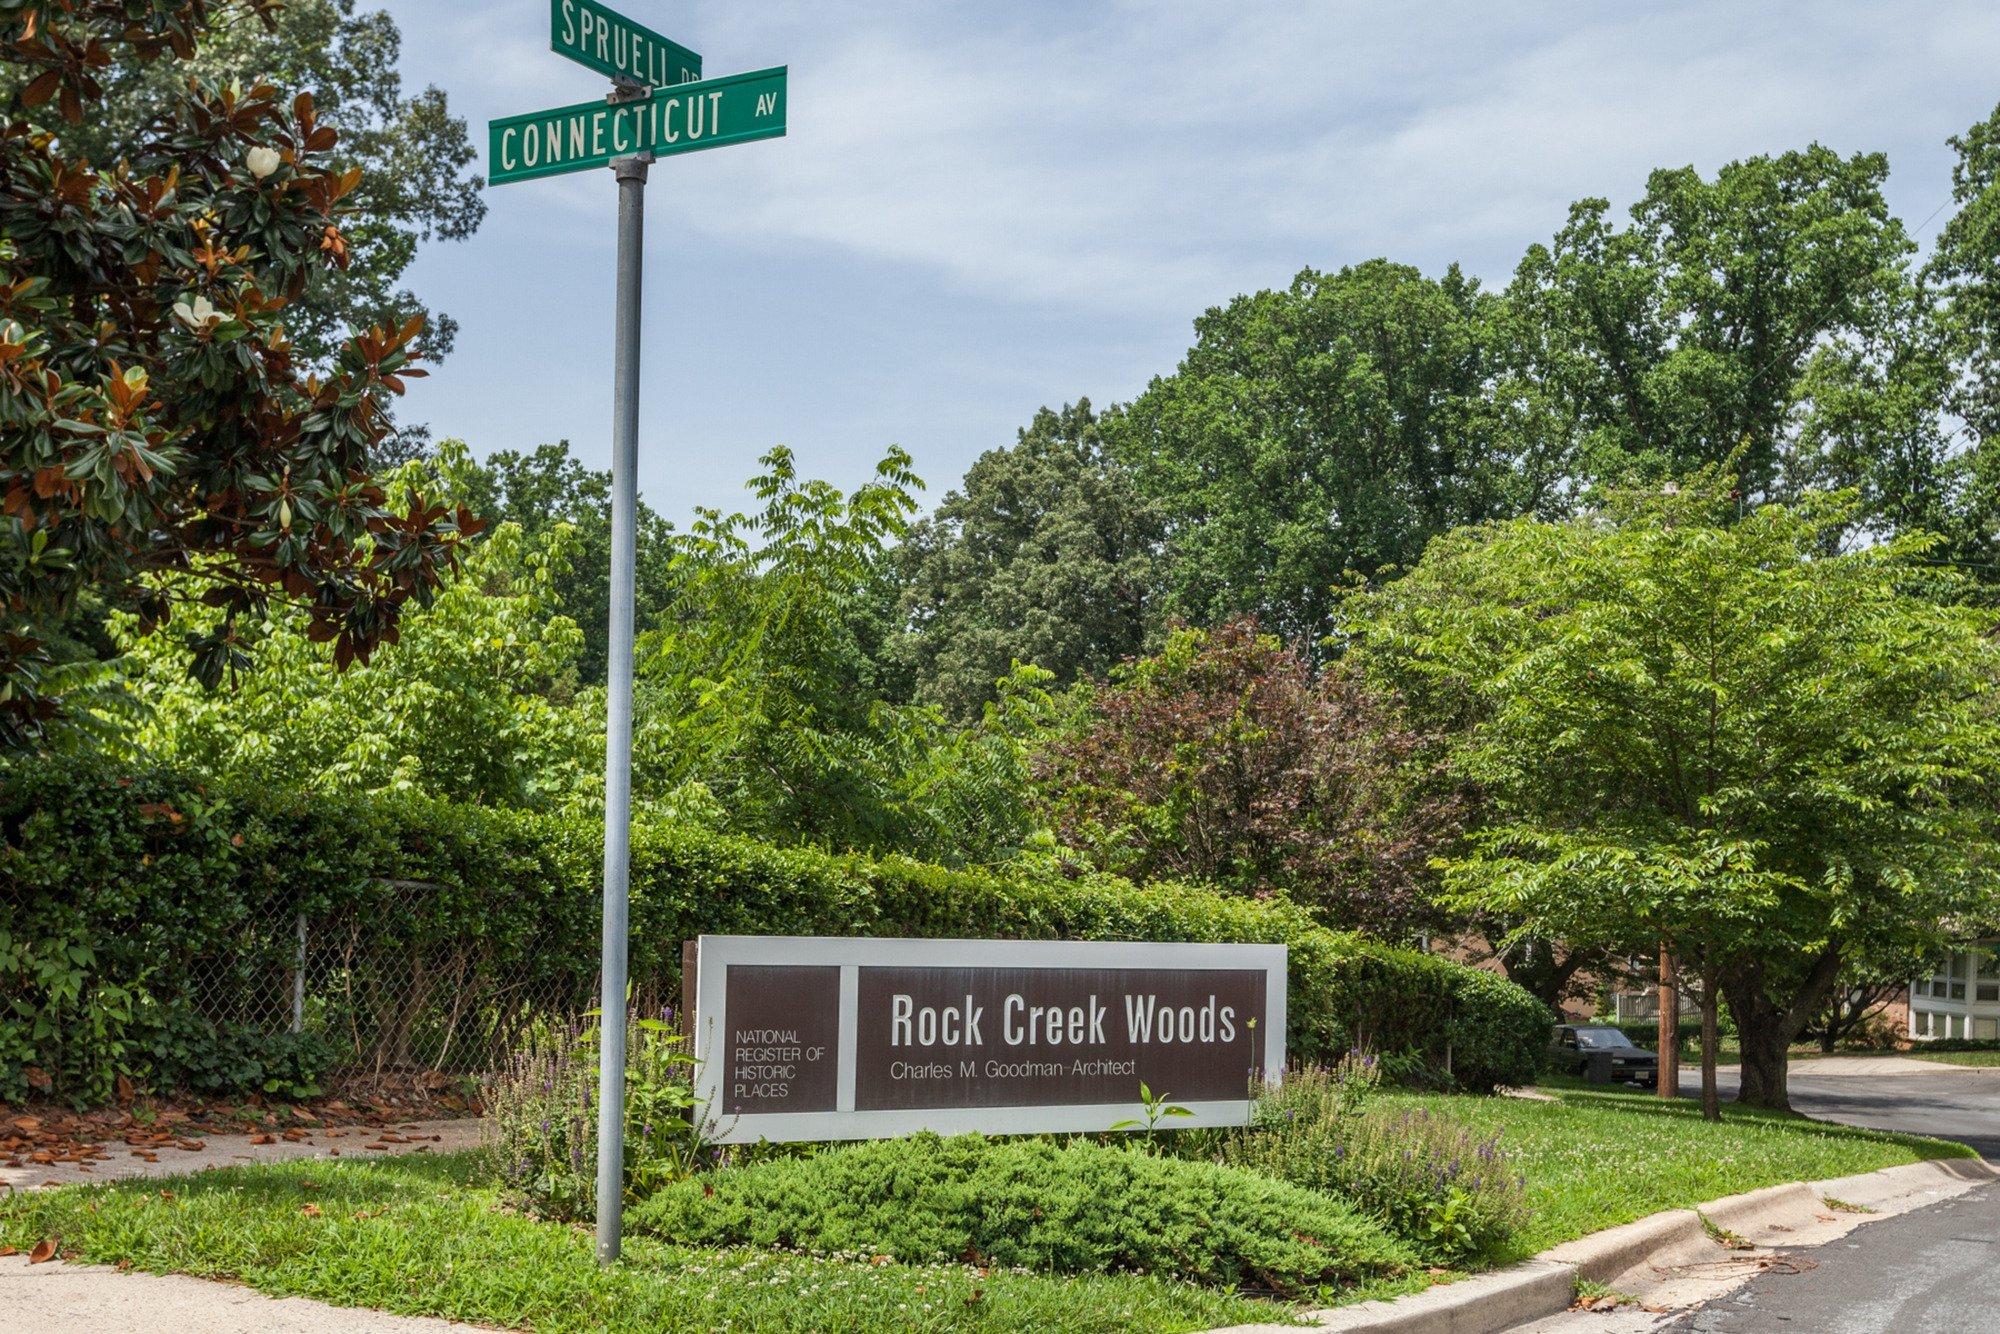 Rock Creek Woods